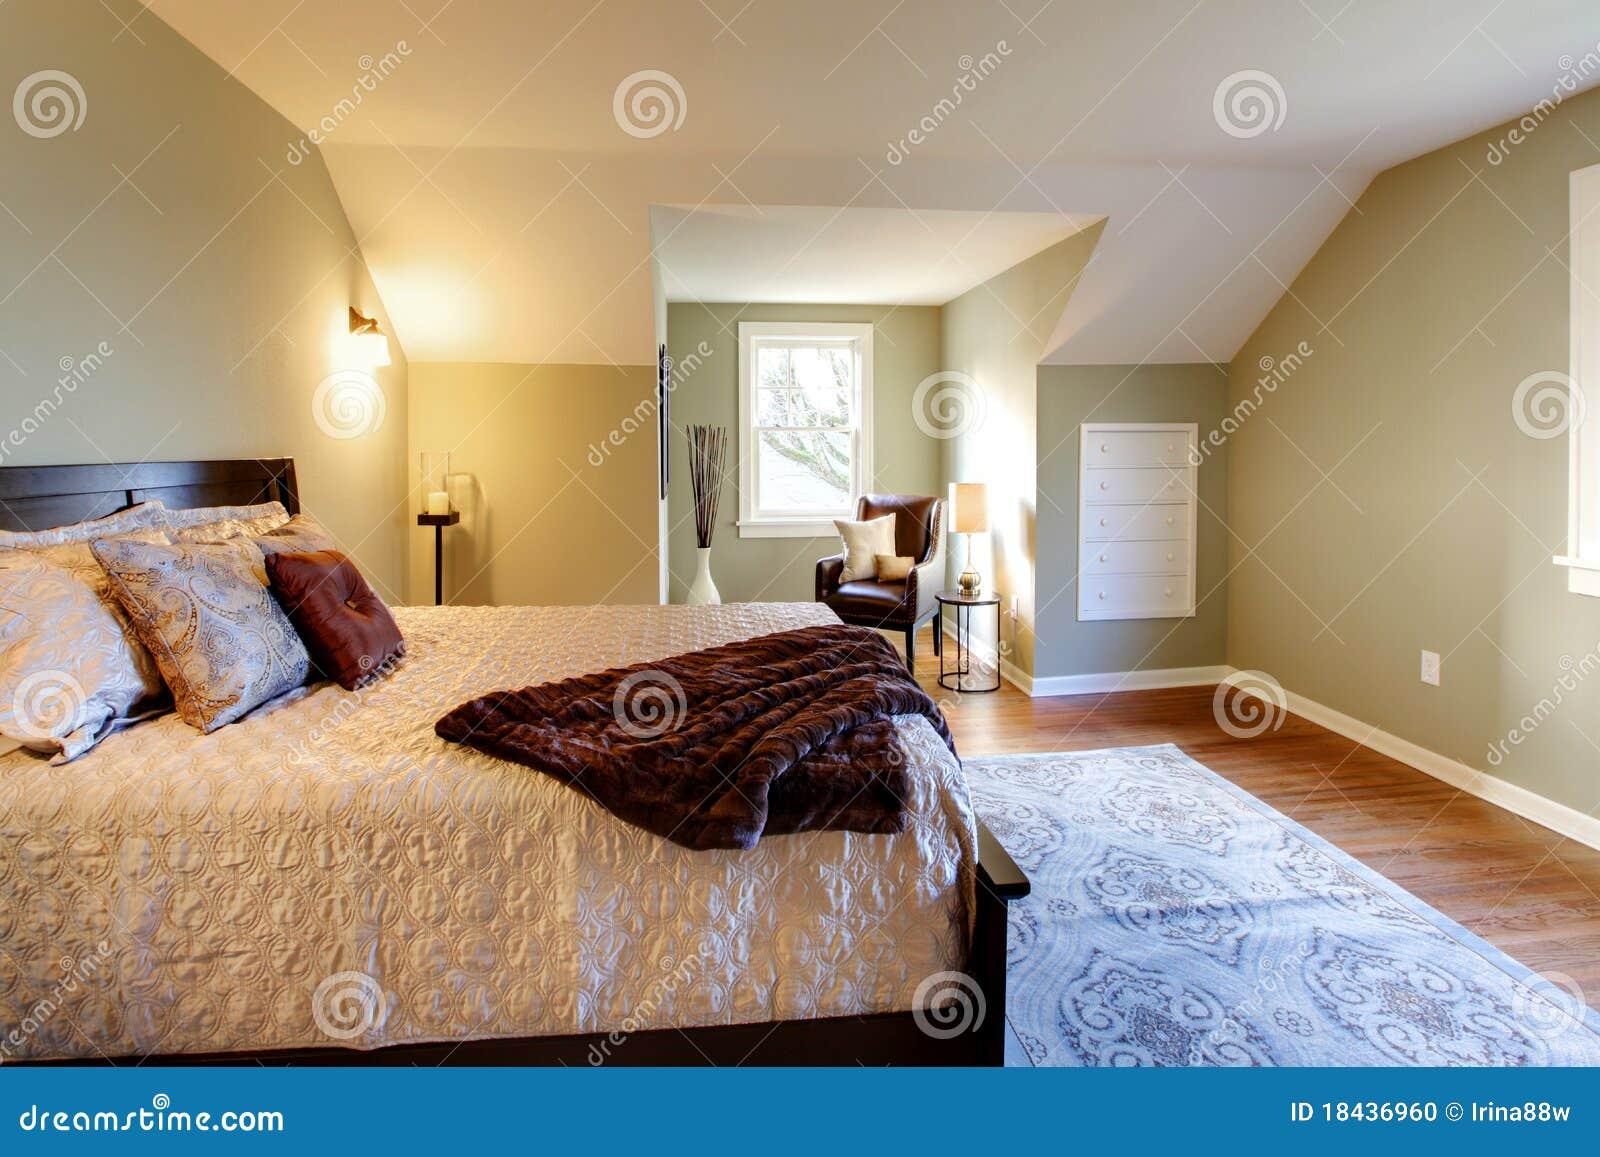 Camera da letto marrone idee creative di interni e mobili - Imbiancare la camera da letto ...